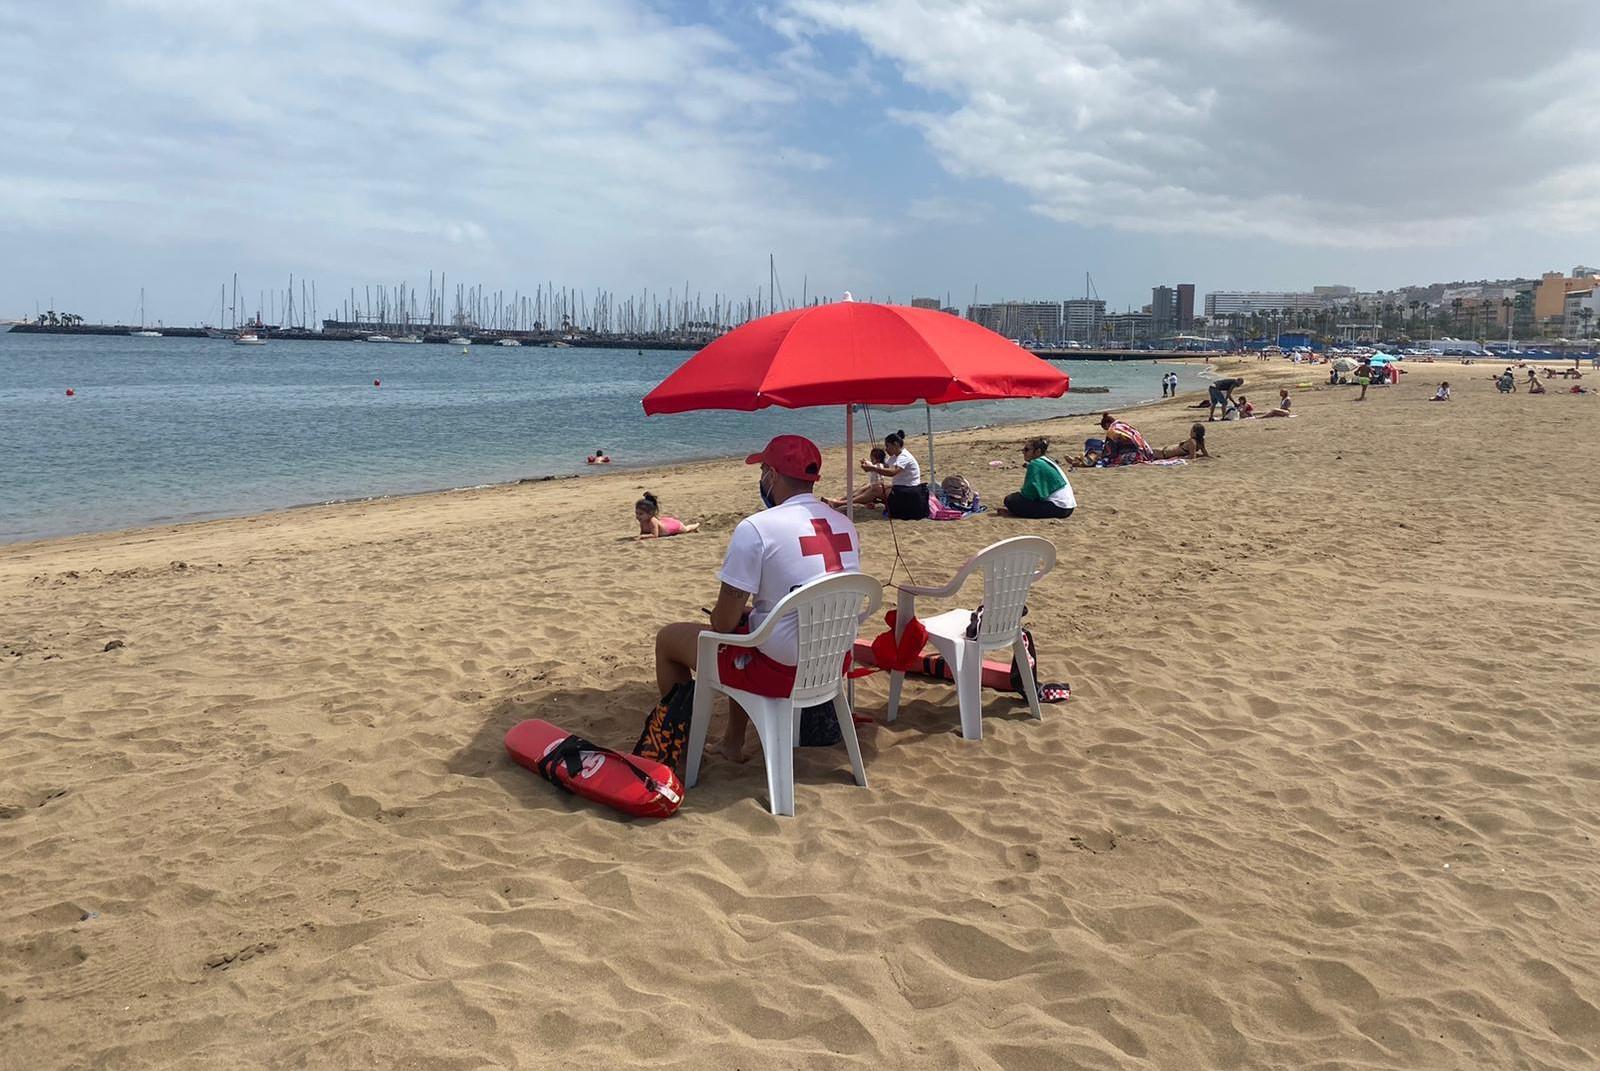 Cruz Roja en la playa de Las Alcaravaneras en Las Palmas de Gran Canaria / CanariasNoticias.es